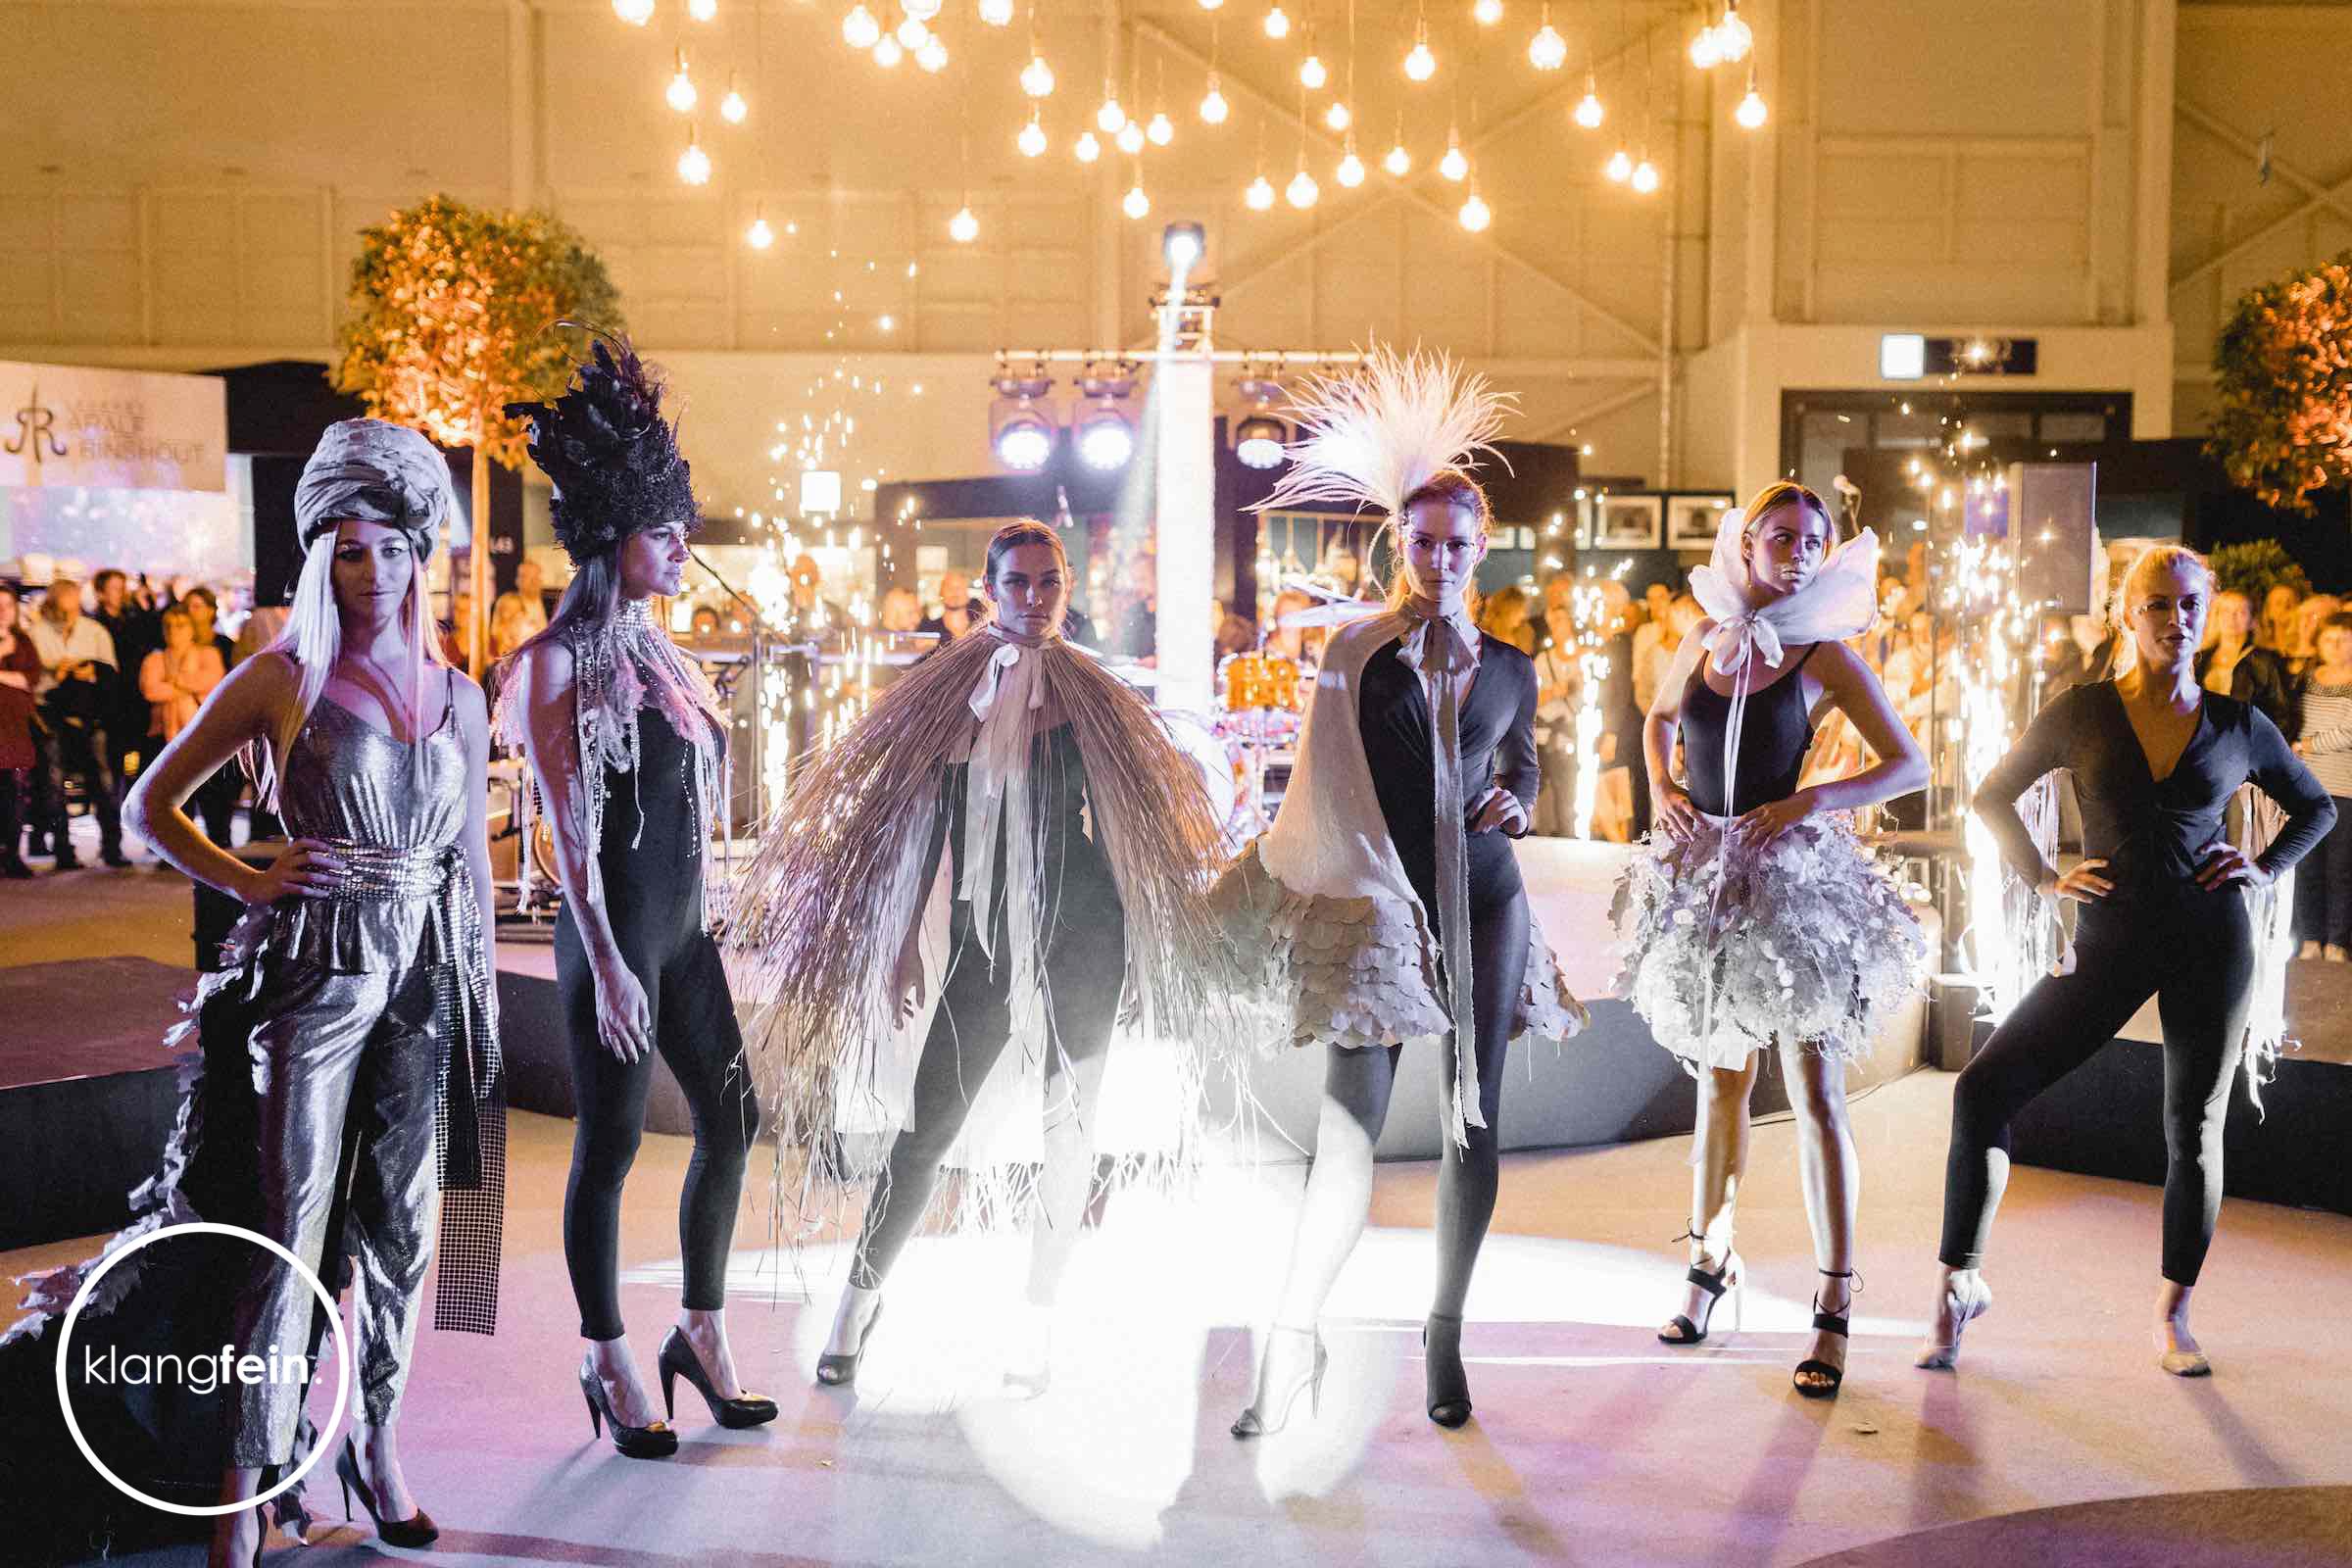 Veranstaltungstechnik   Bühnentechnik   Lichttechnik   Tontechnik   Beleuchtung   Infa   Messe   Event   Mieten   Buchen   Klangfein   Hannover